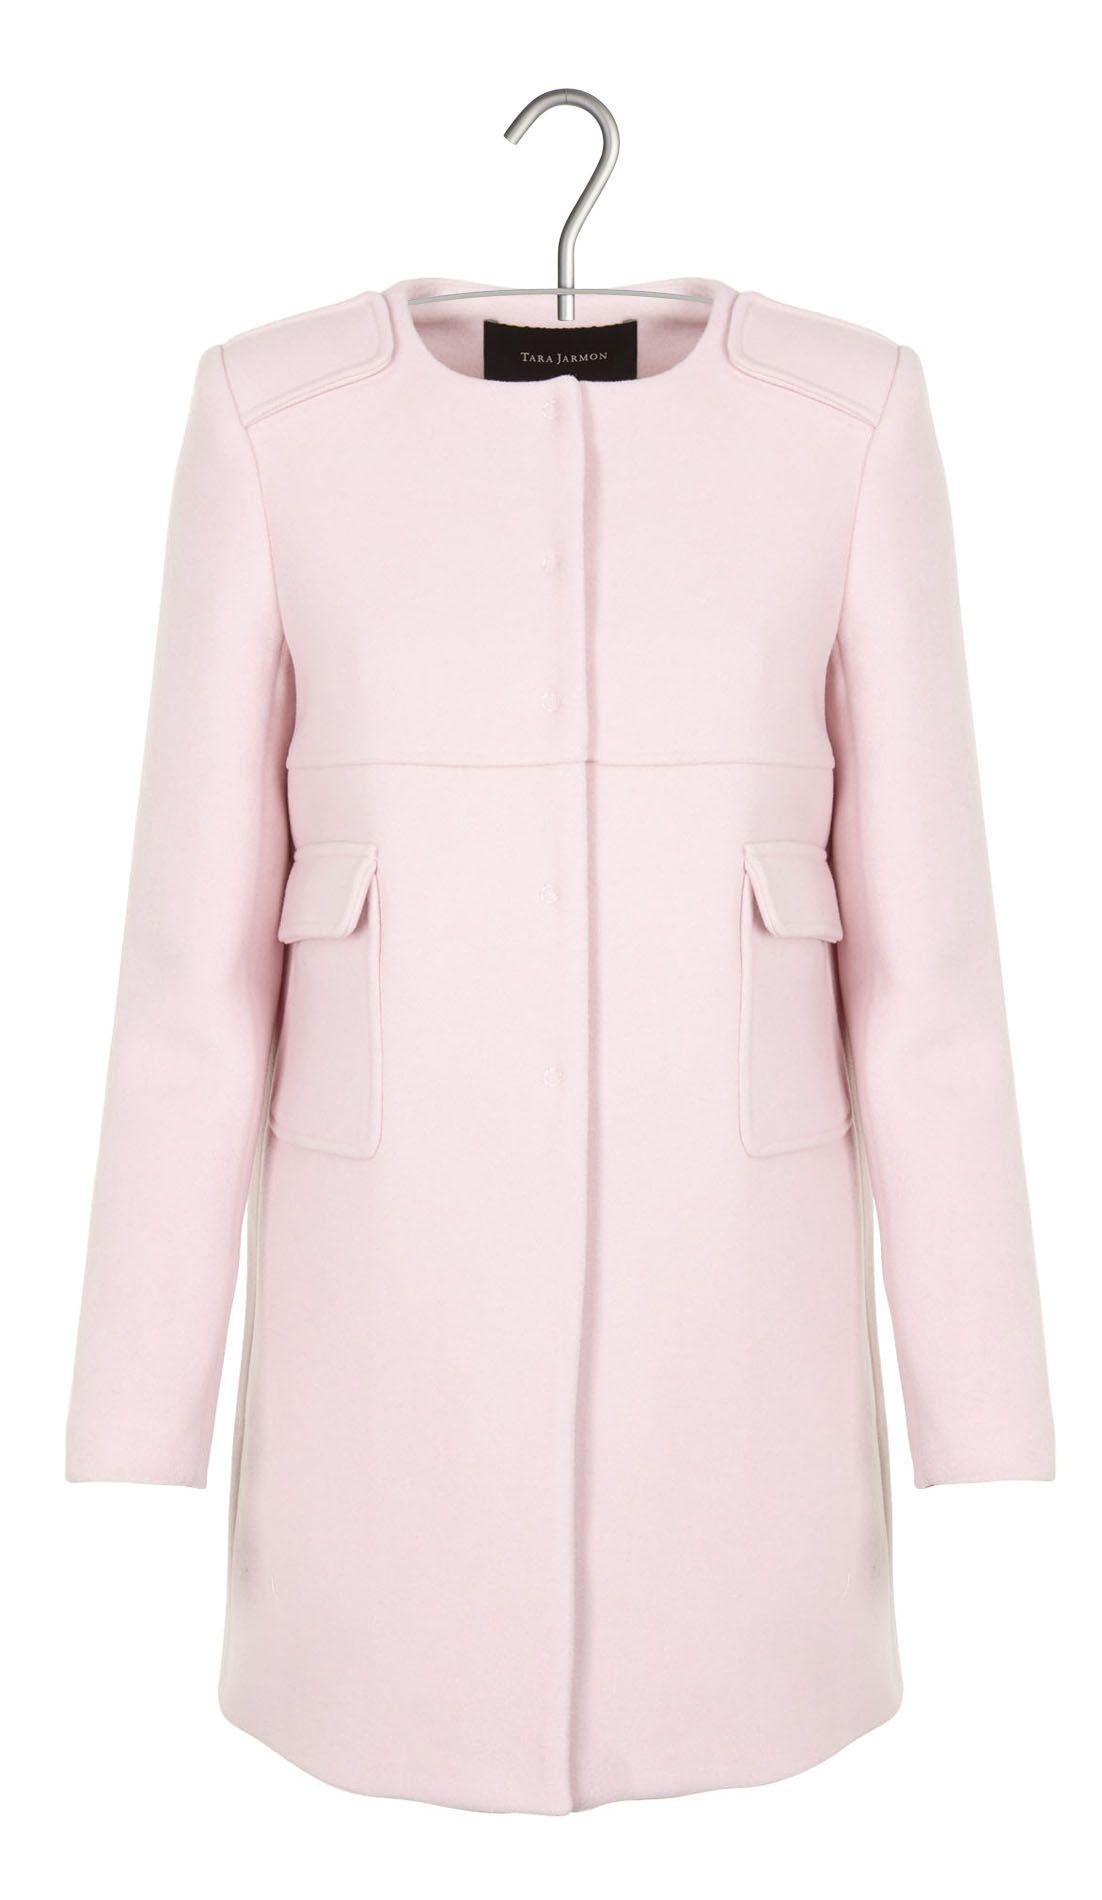 vente au royaume uni bon service meilleur prix pour Manteau en laine et cachemire Rose by TARA JARMON | Fashion ...